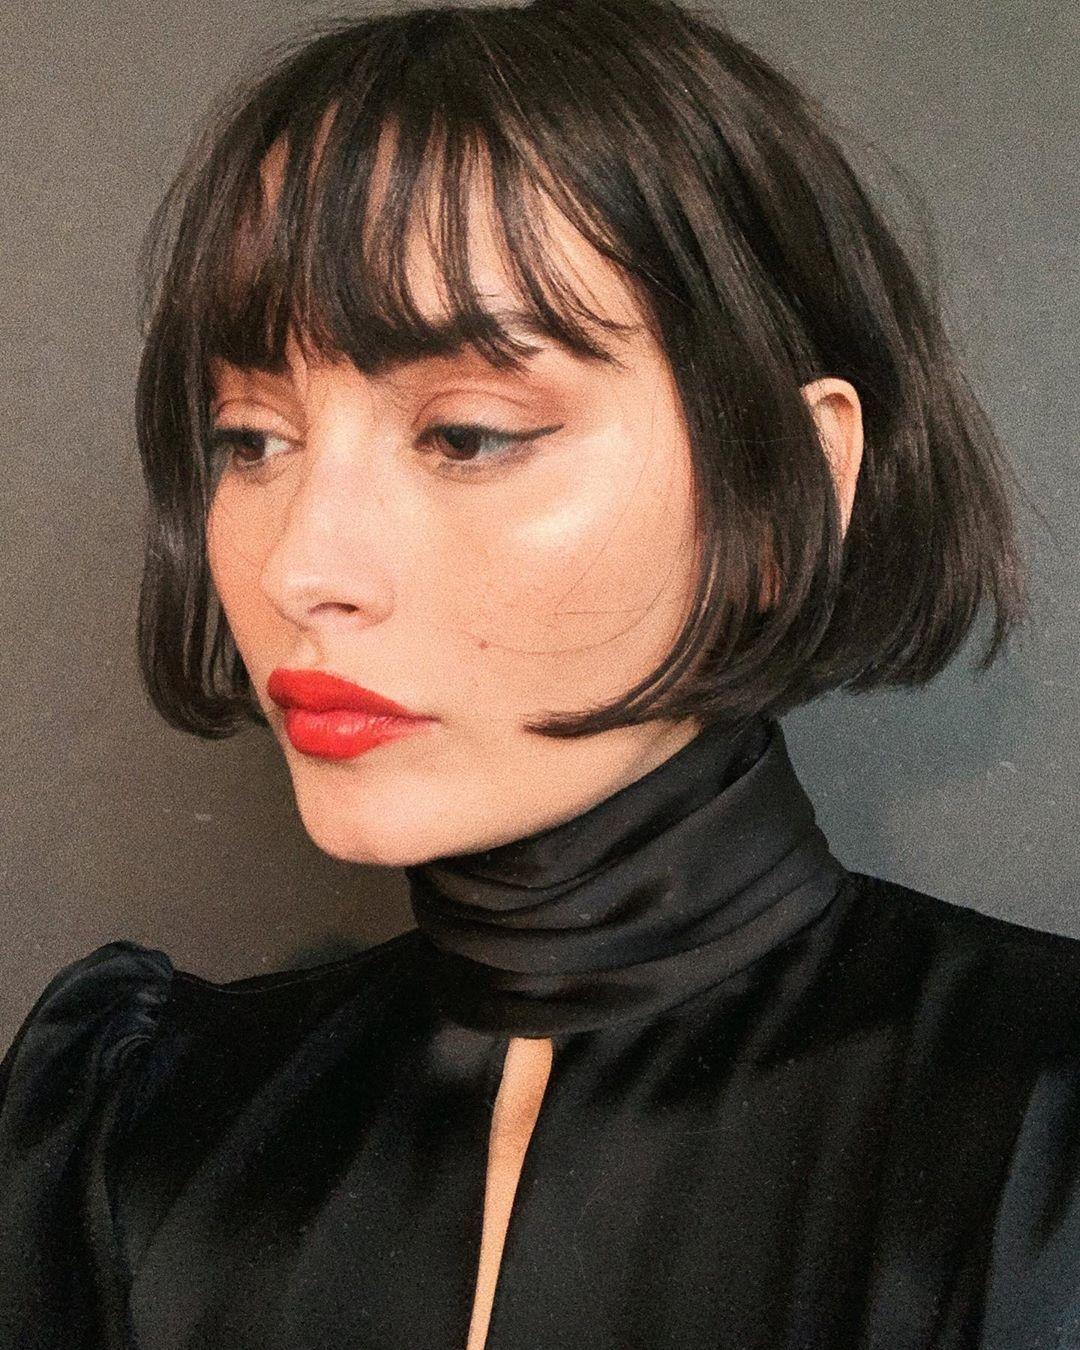 Modèle Taylor LaShae avec un bob marron foncé à frange courte sur les joues